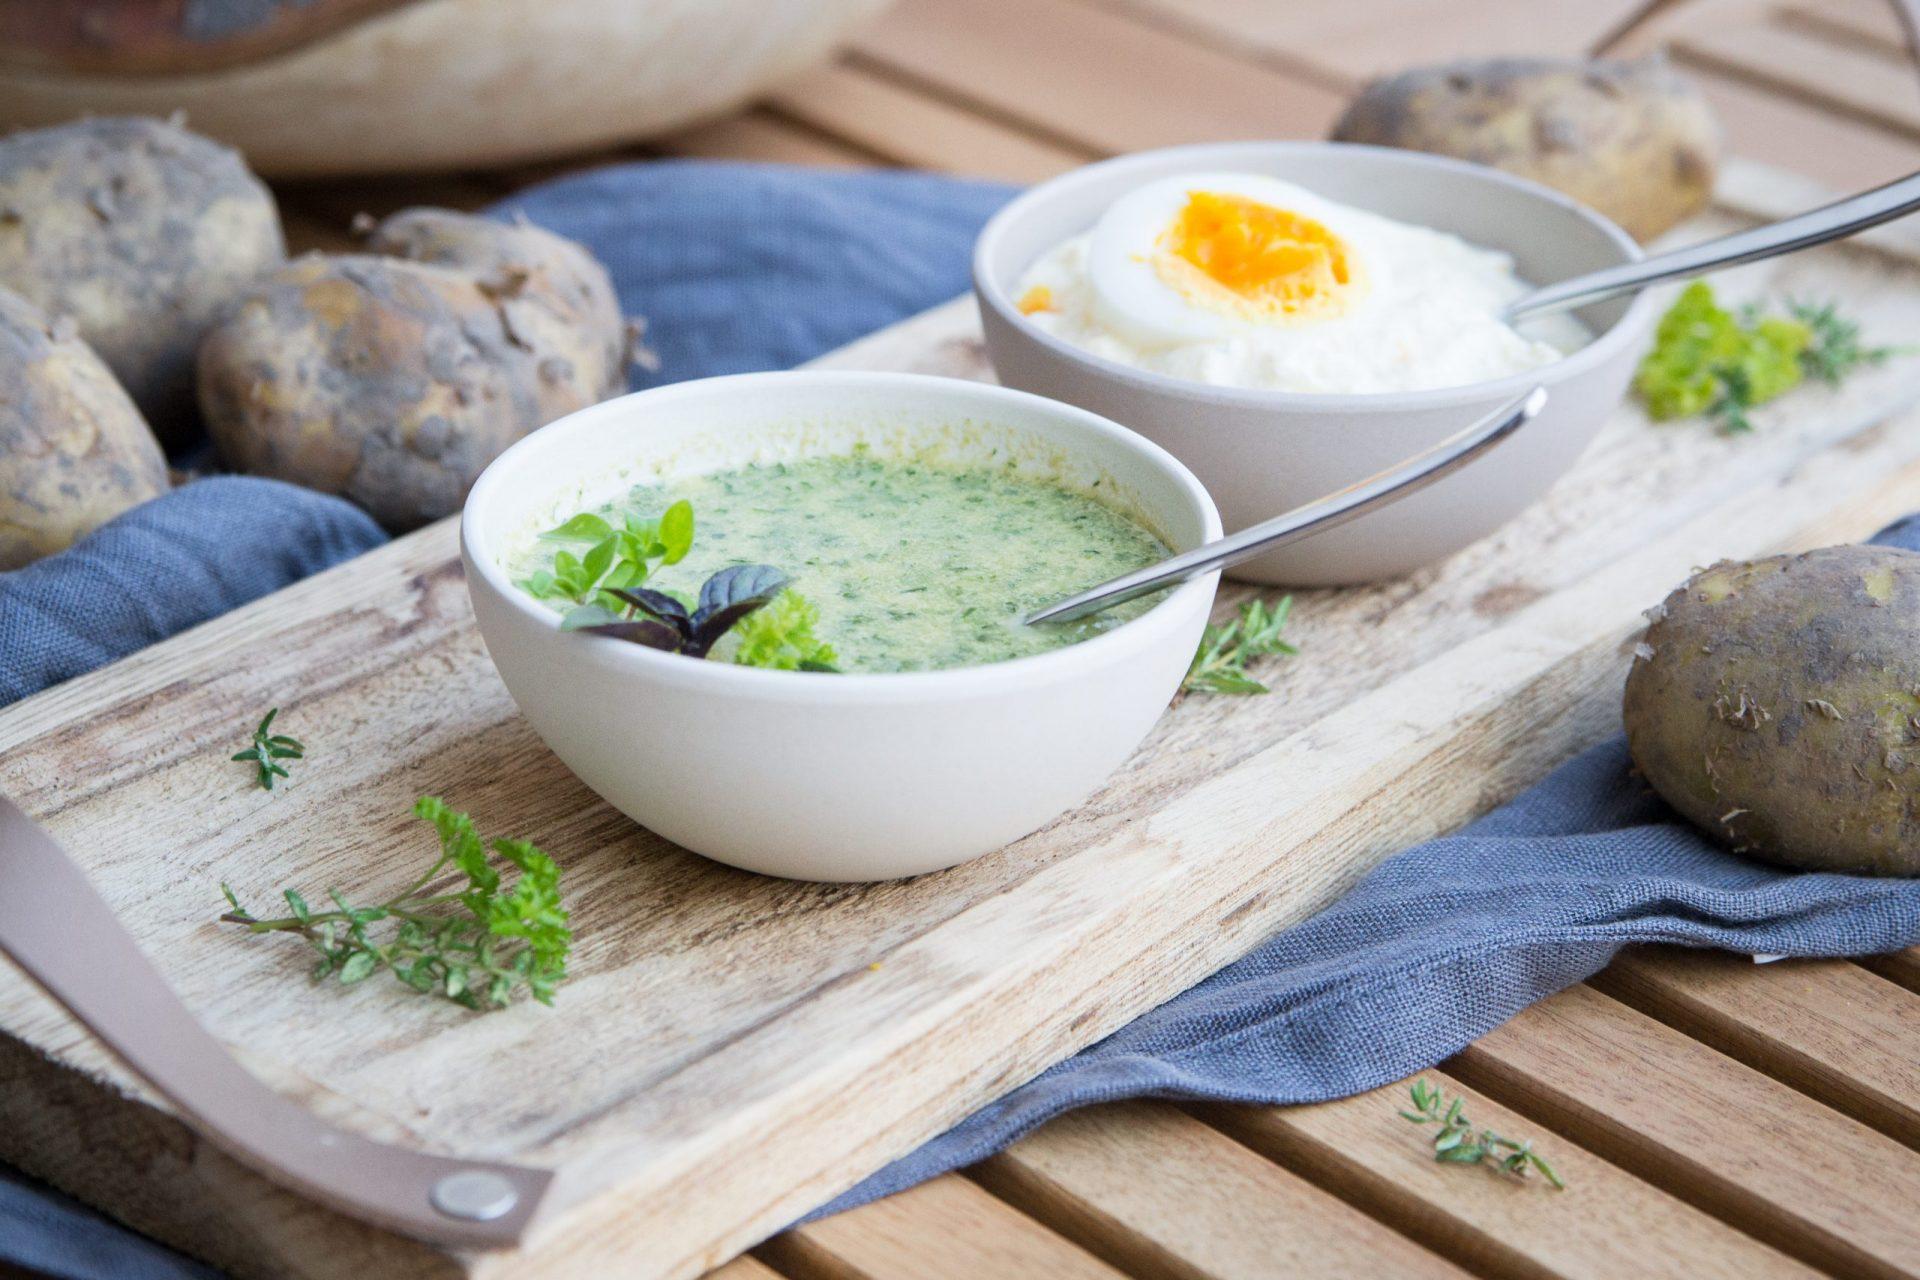 Frühkartoffel mit Kräuter-Mayonnaise und Kräuter-Joghurt-Dip mit Ei